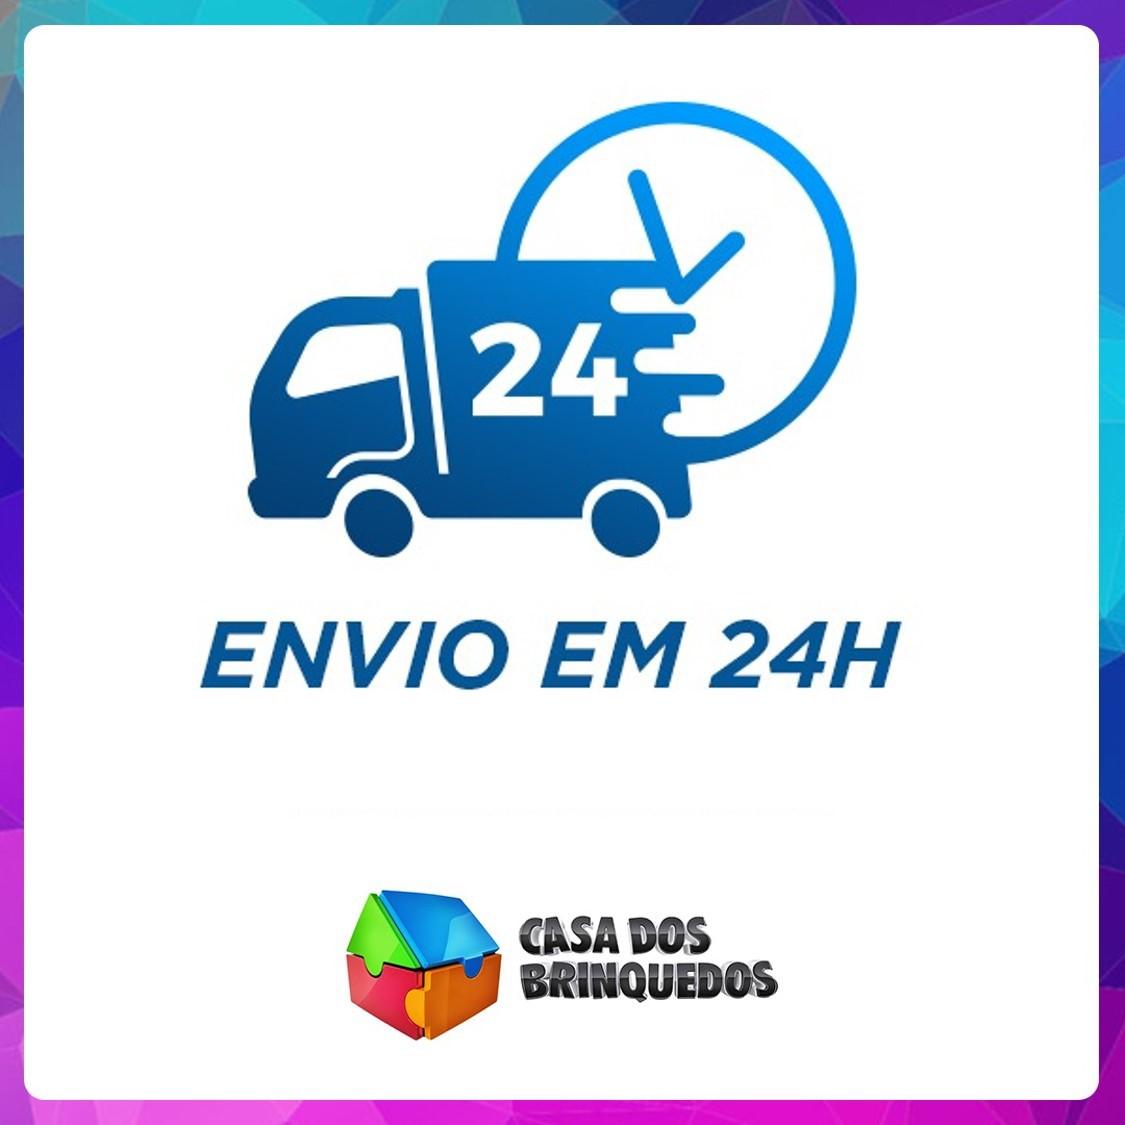 KIT CARRINHOS DE POLICIA E BONECOS 89630 FÊNIX